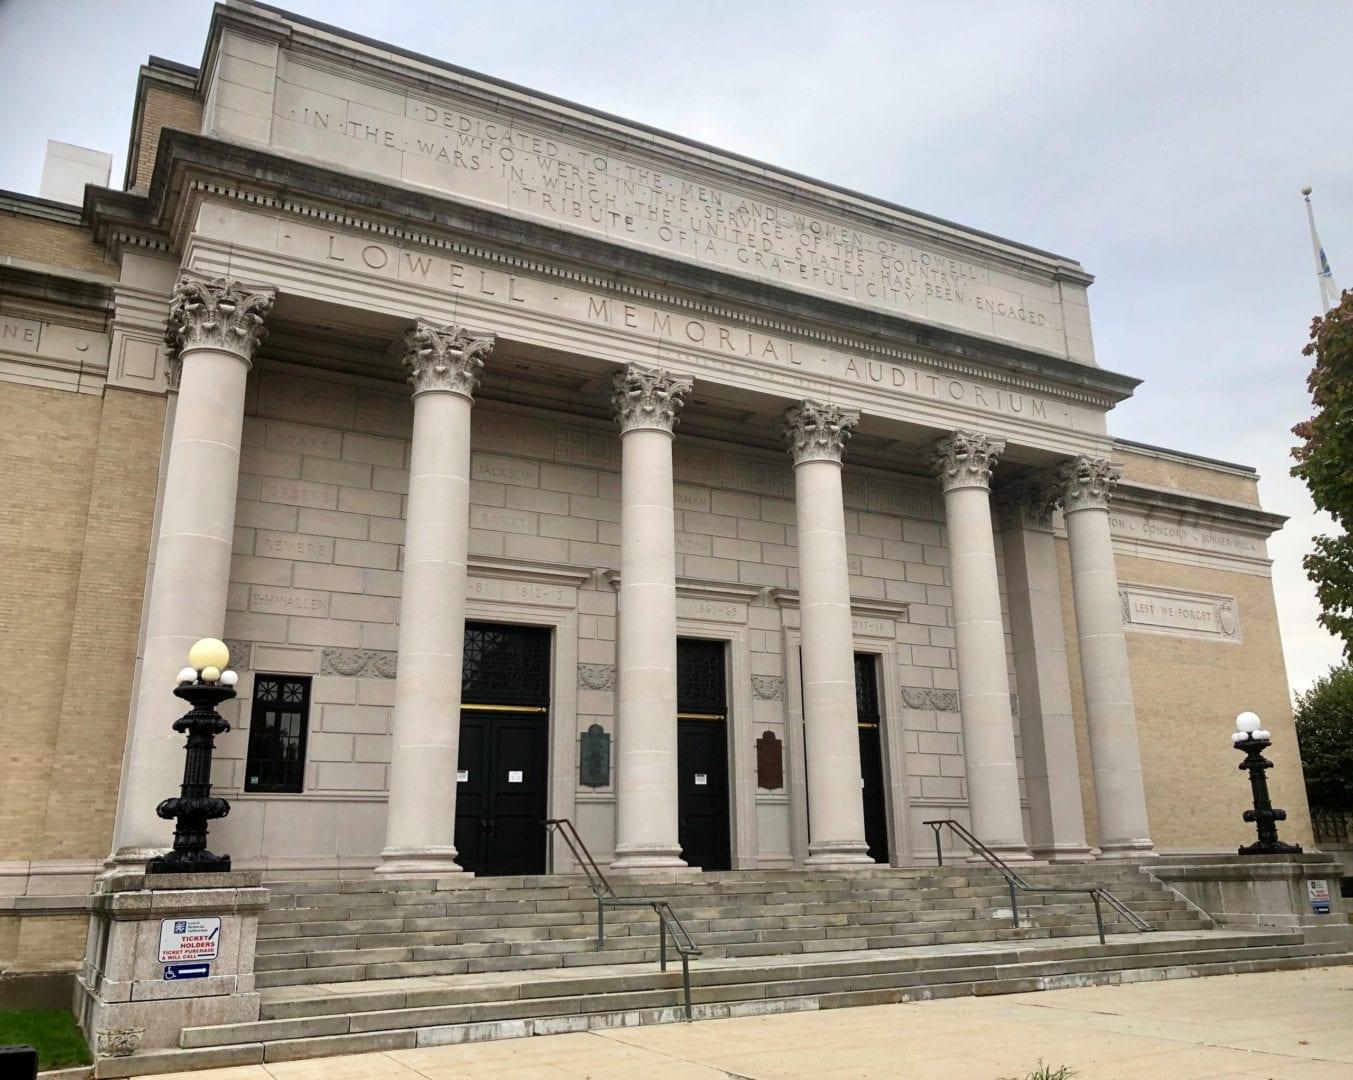 Lowell-Memorial-Auditorium-002